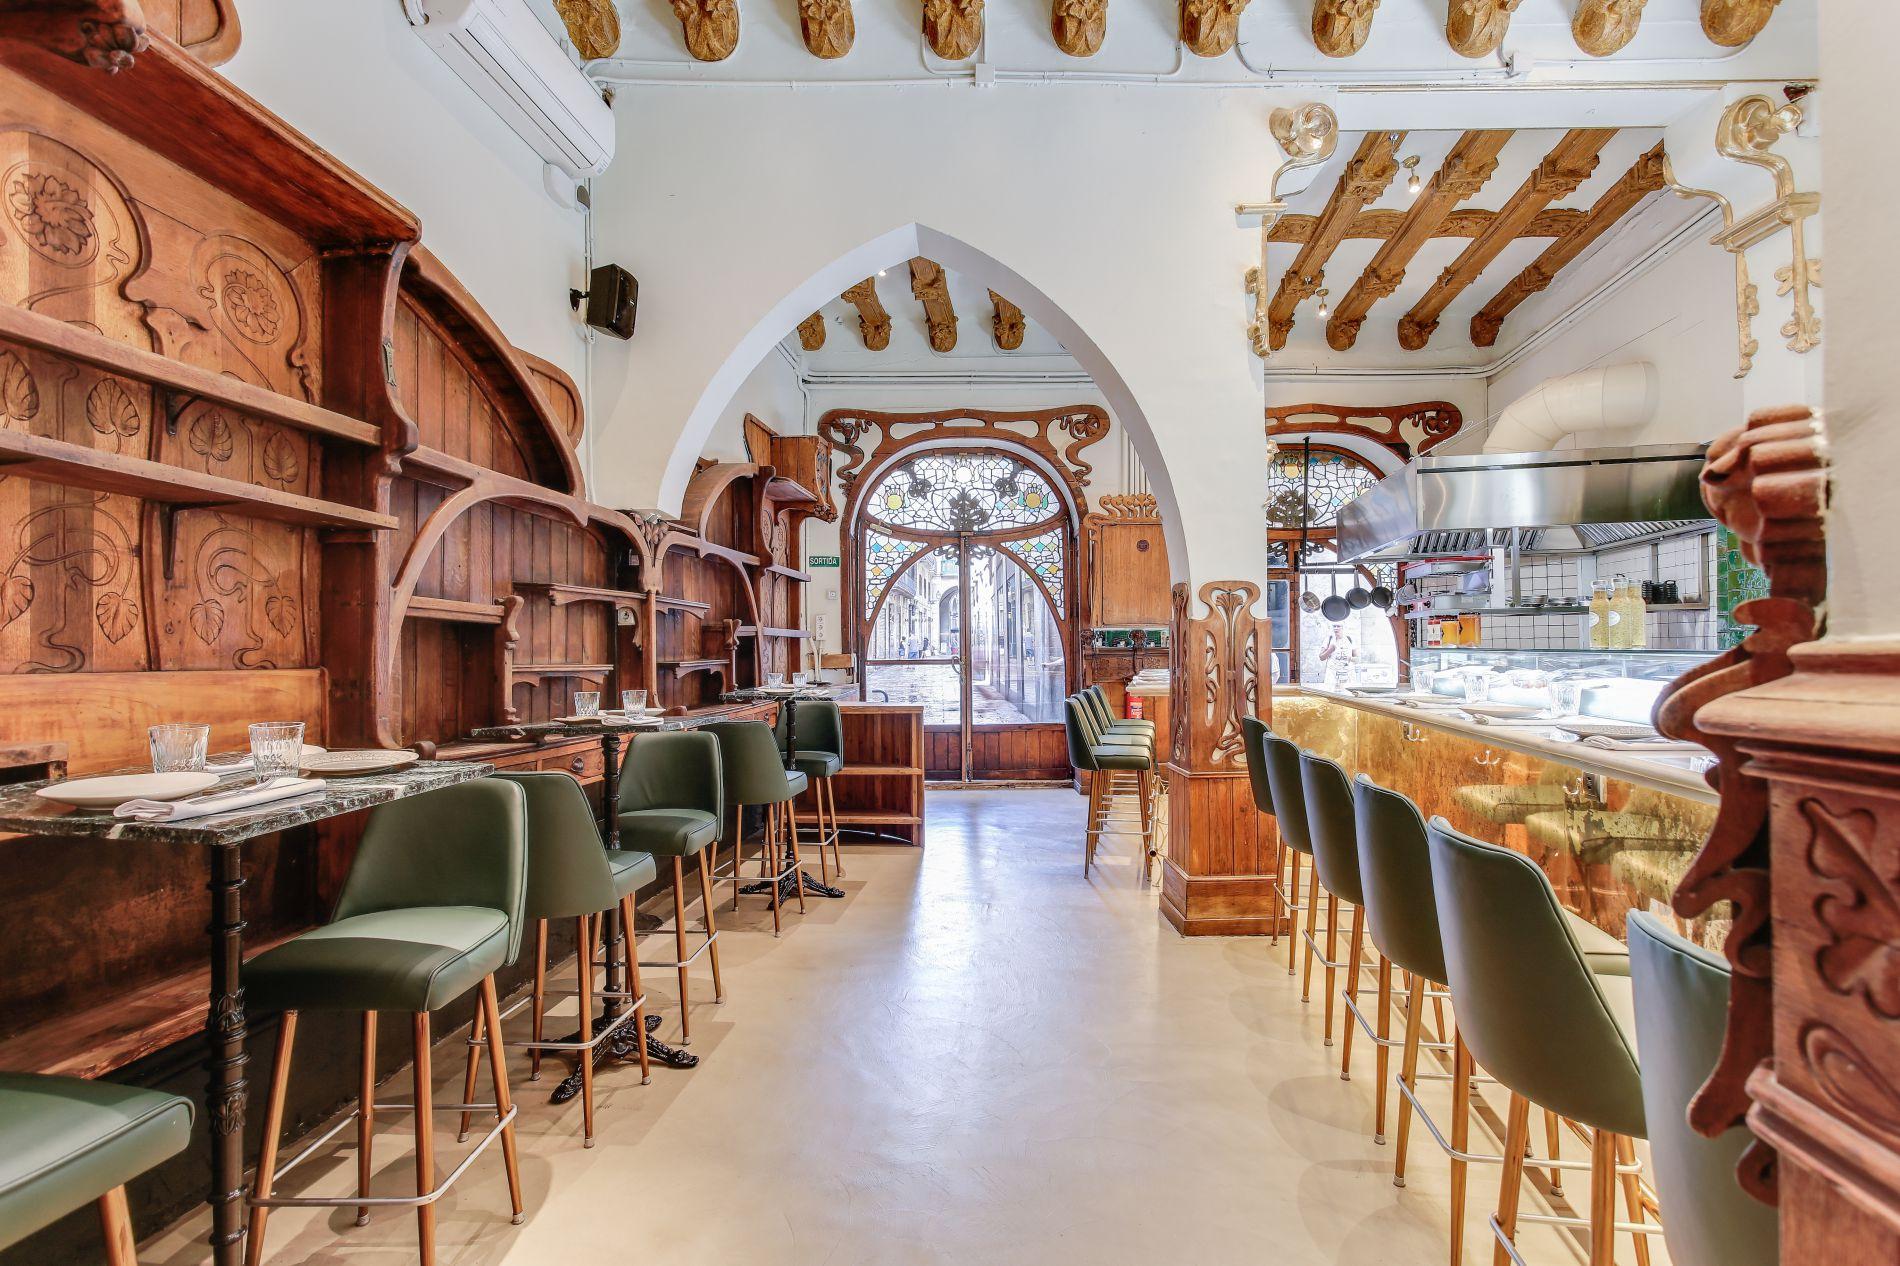 El chef le ha dado protagonismo a la larguísima barra de este local protegido y modernista. Foto: Grill Room Bar Thonet.